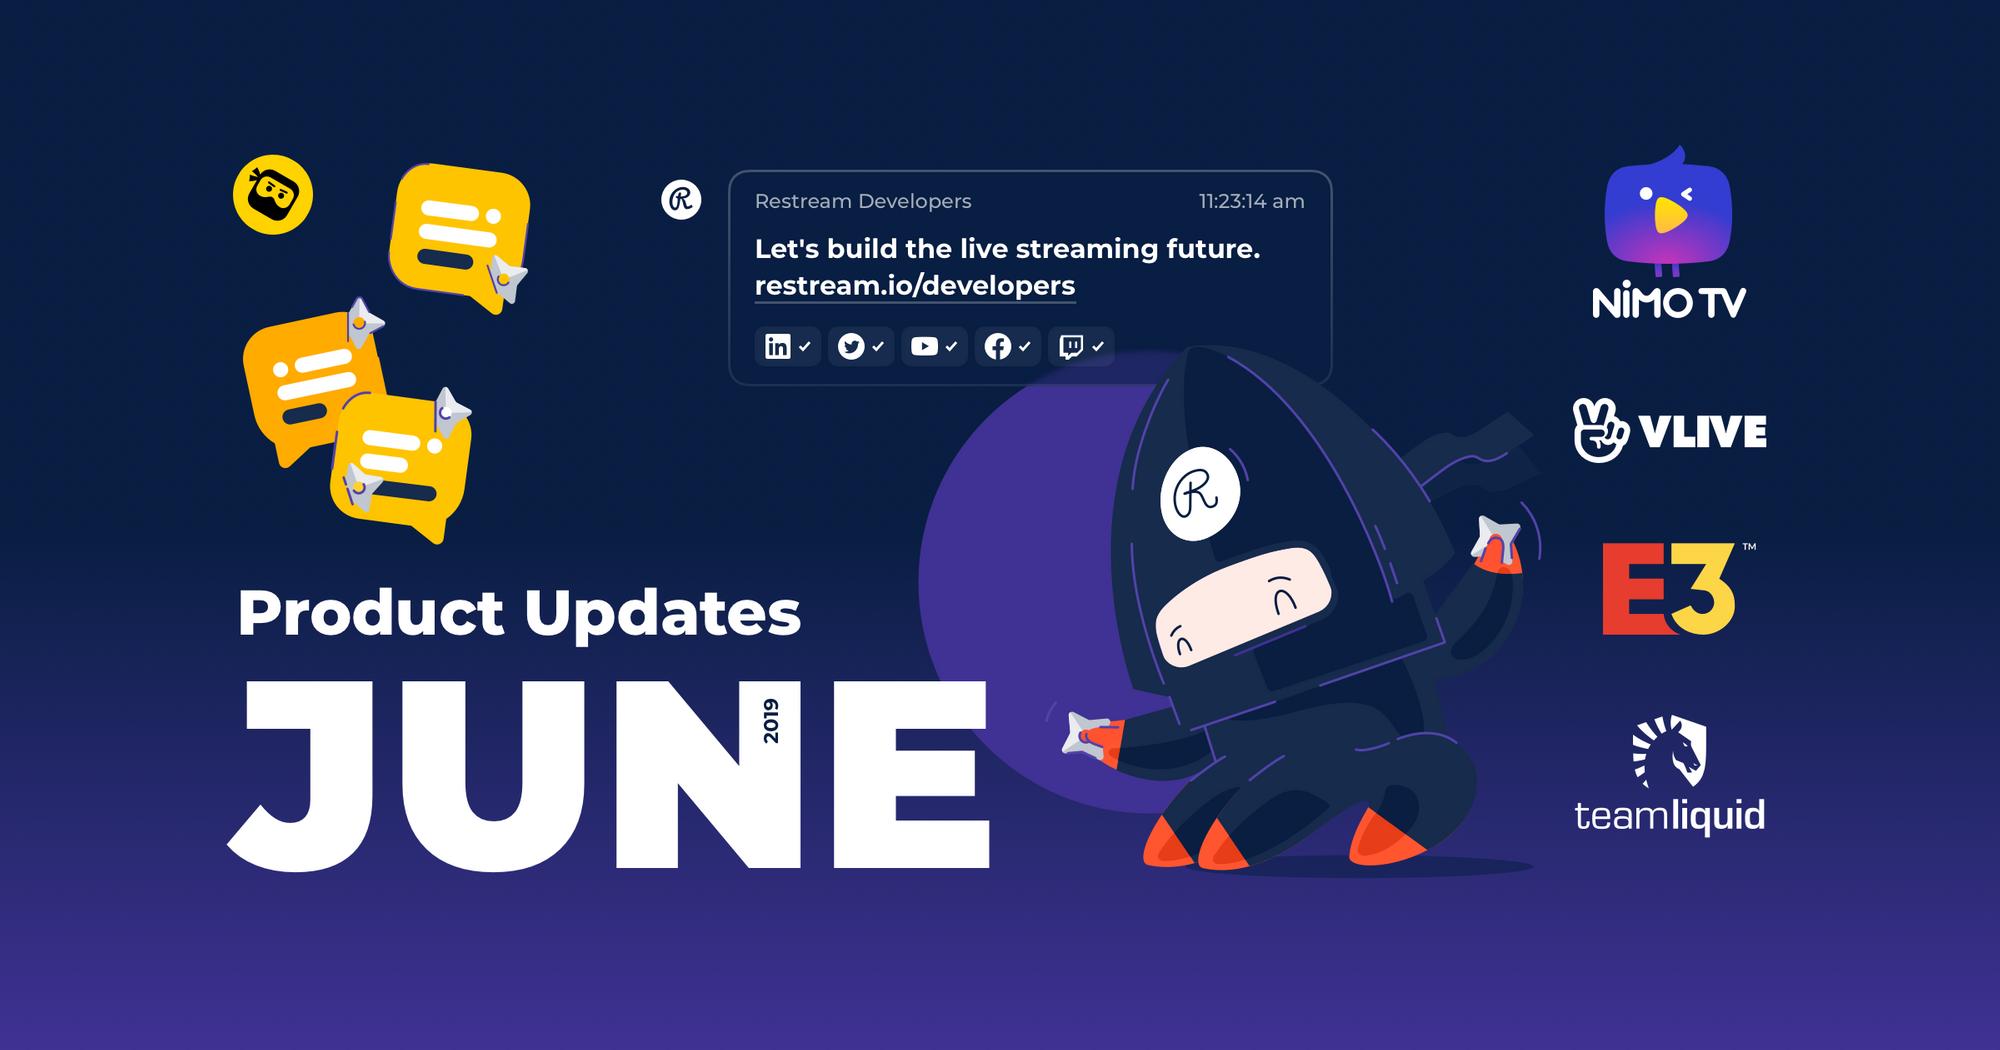 Restream June product updates